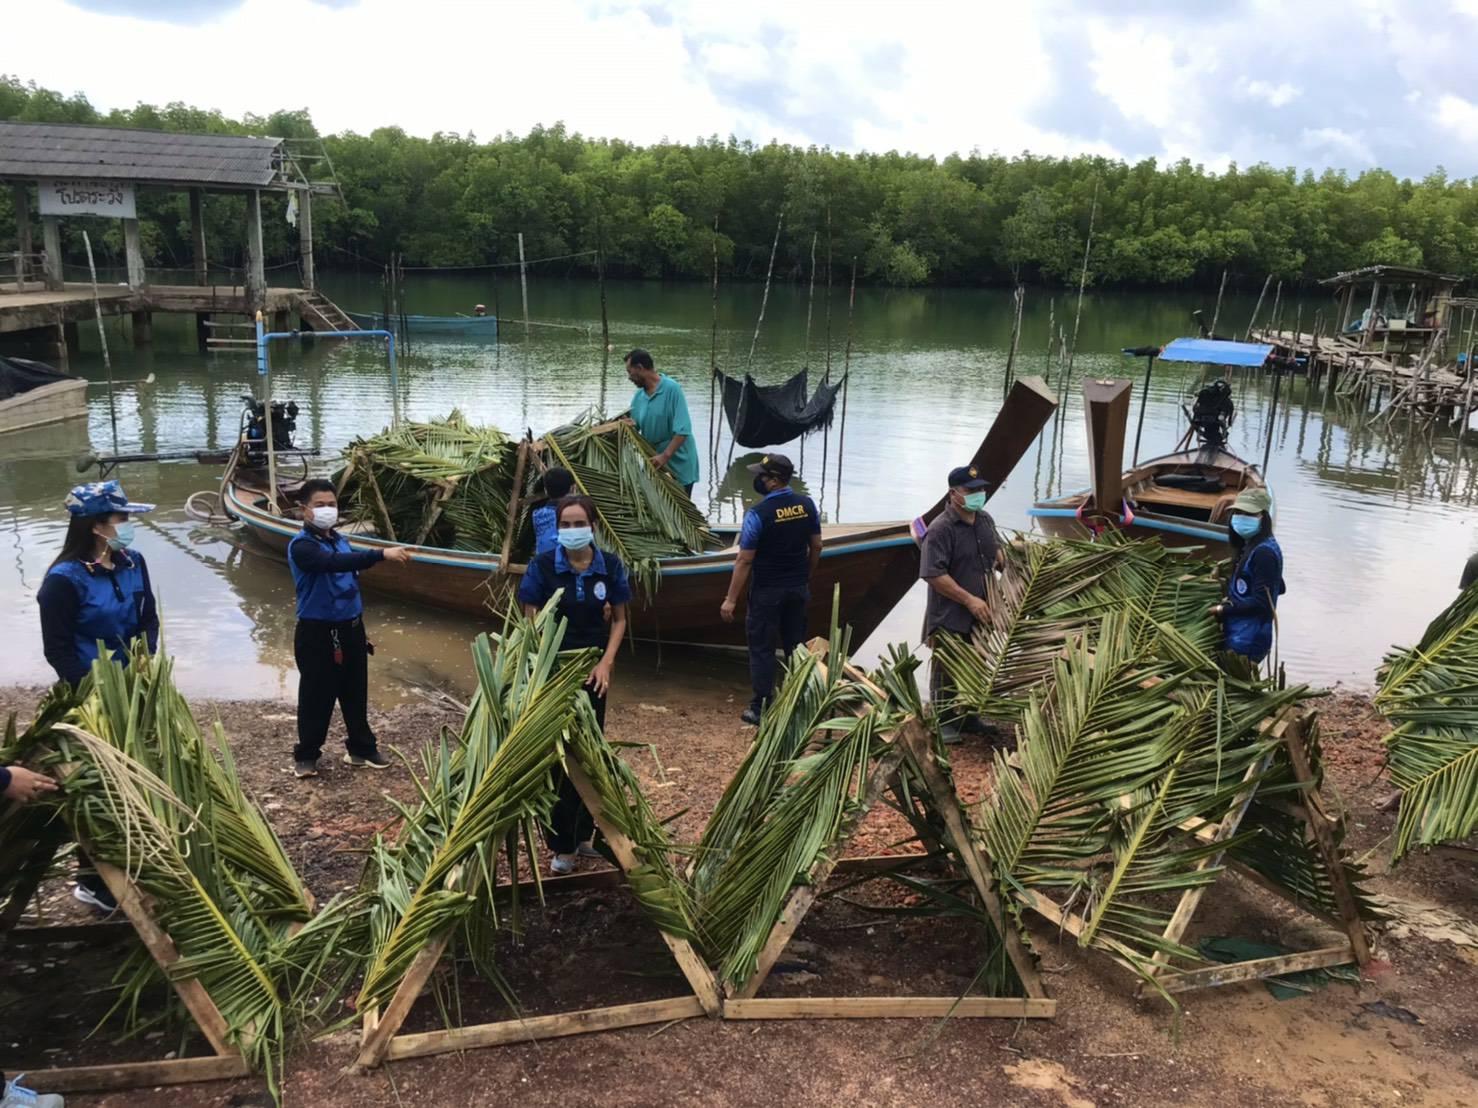 สทช.10 เพิ่มบ้านปลาสร้างแหล่งเลี้ยงชีพเพิ่มรายได้ชุมชนชายฝั่ง